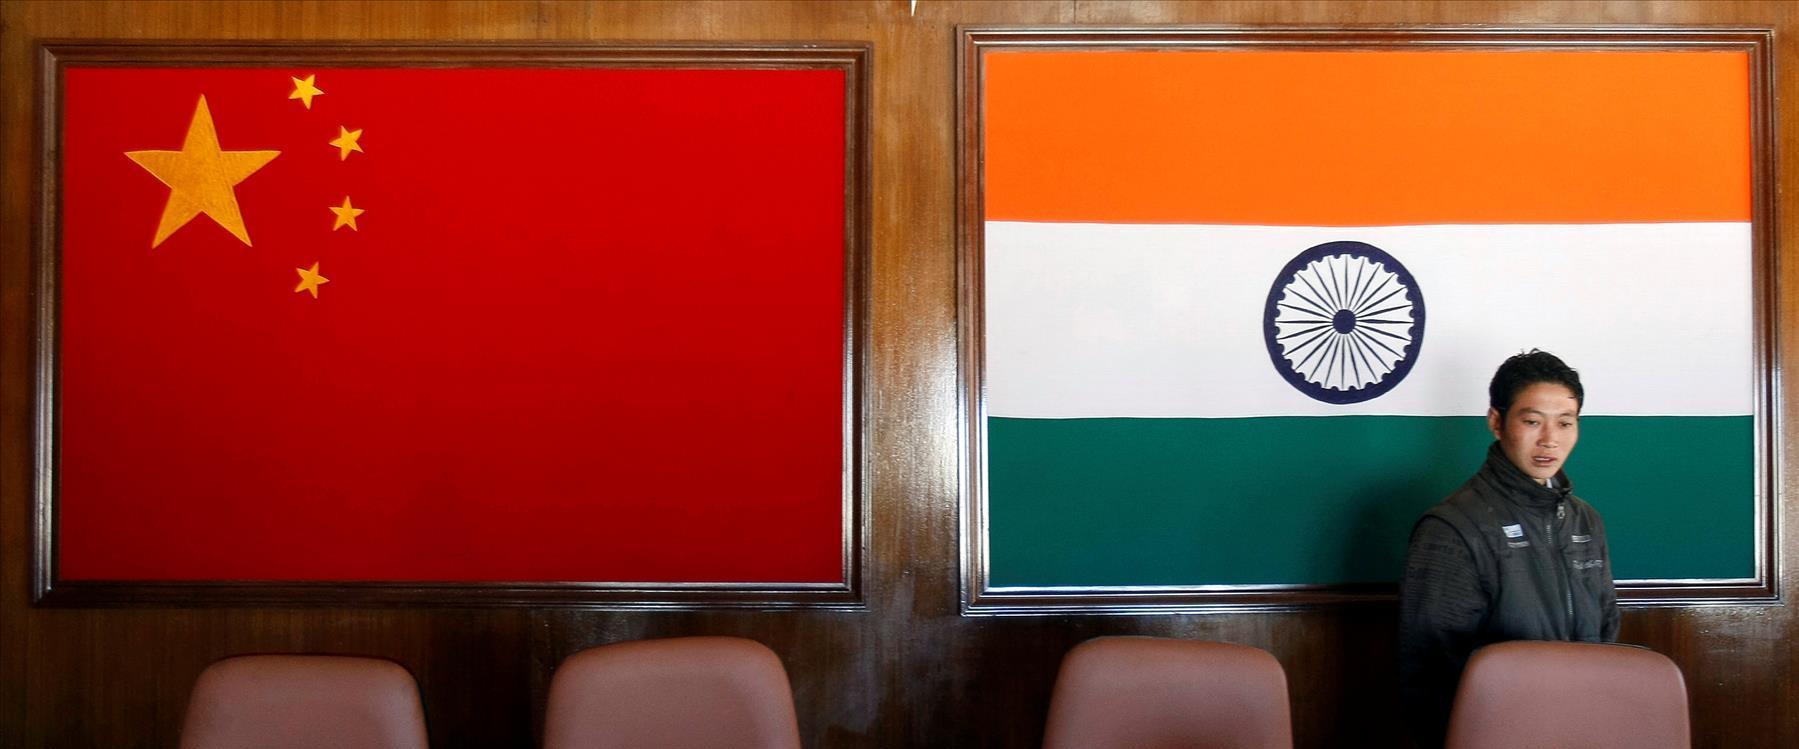 הודו וסין